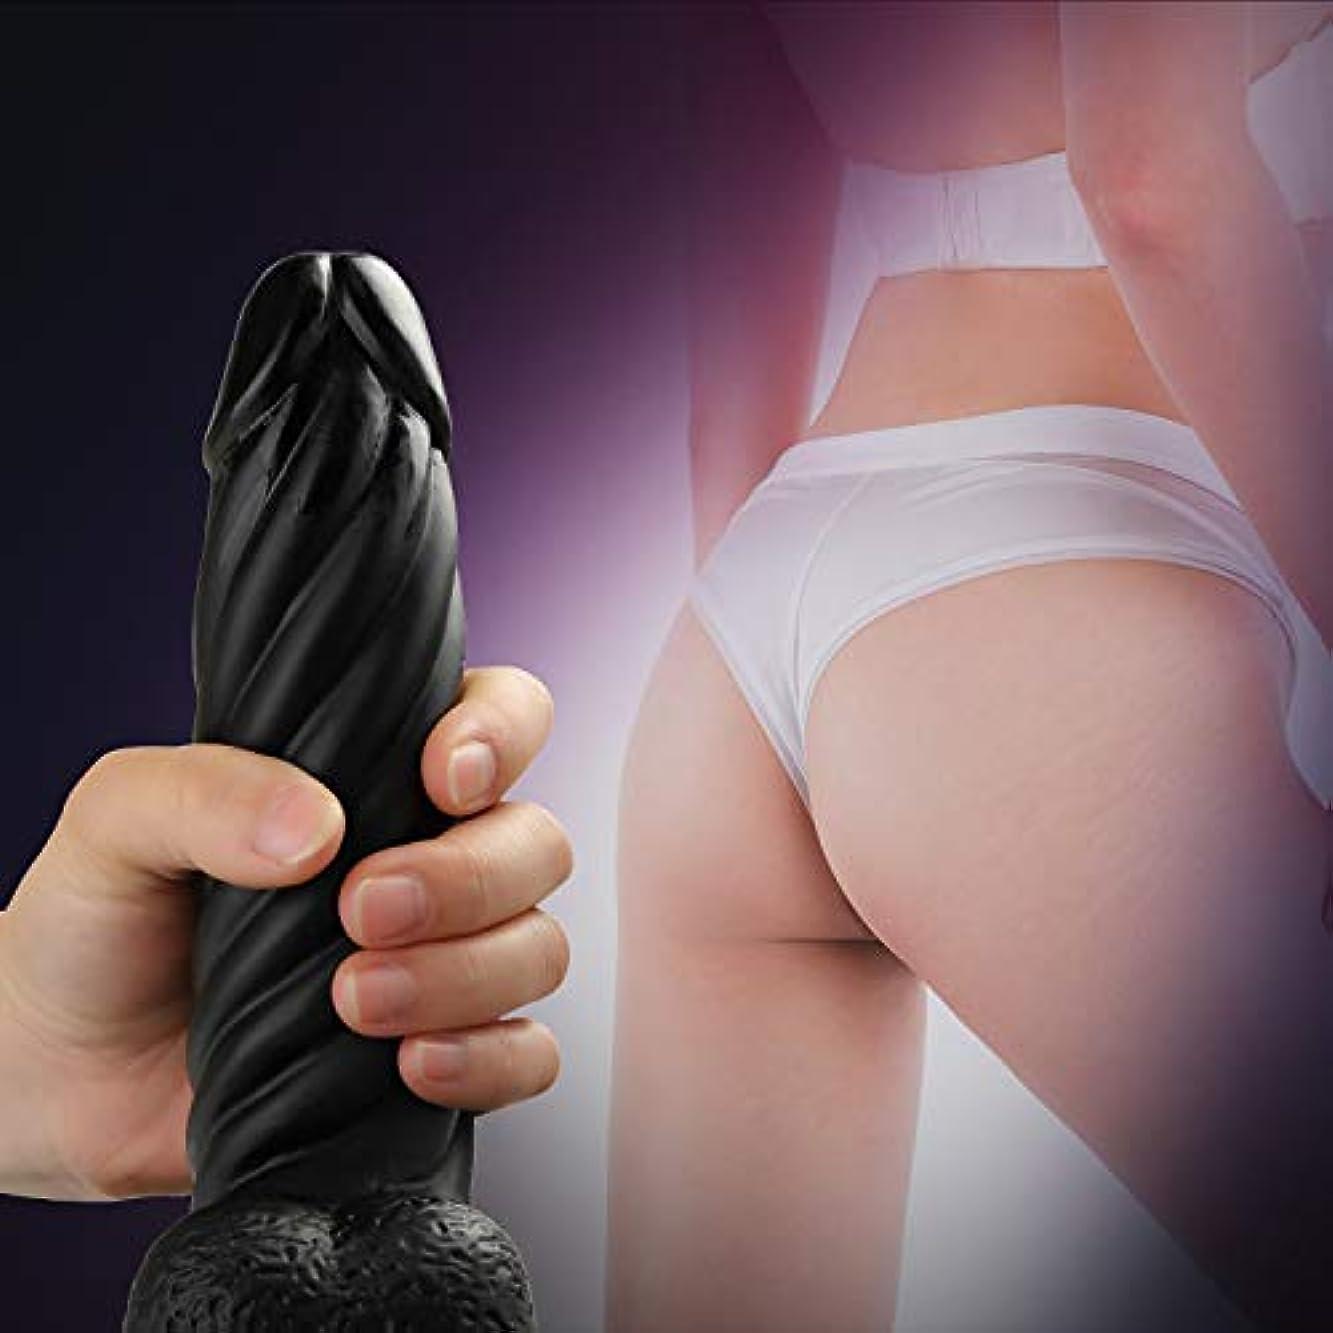 裂け目共産主義置くためにパックY-angcco6 初心者ベスト選択超現実的なソフトで柔軟な女性シニアボディリラックスSEおもちゃ - 100%秘密のパッキング